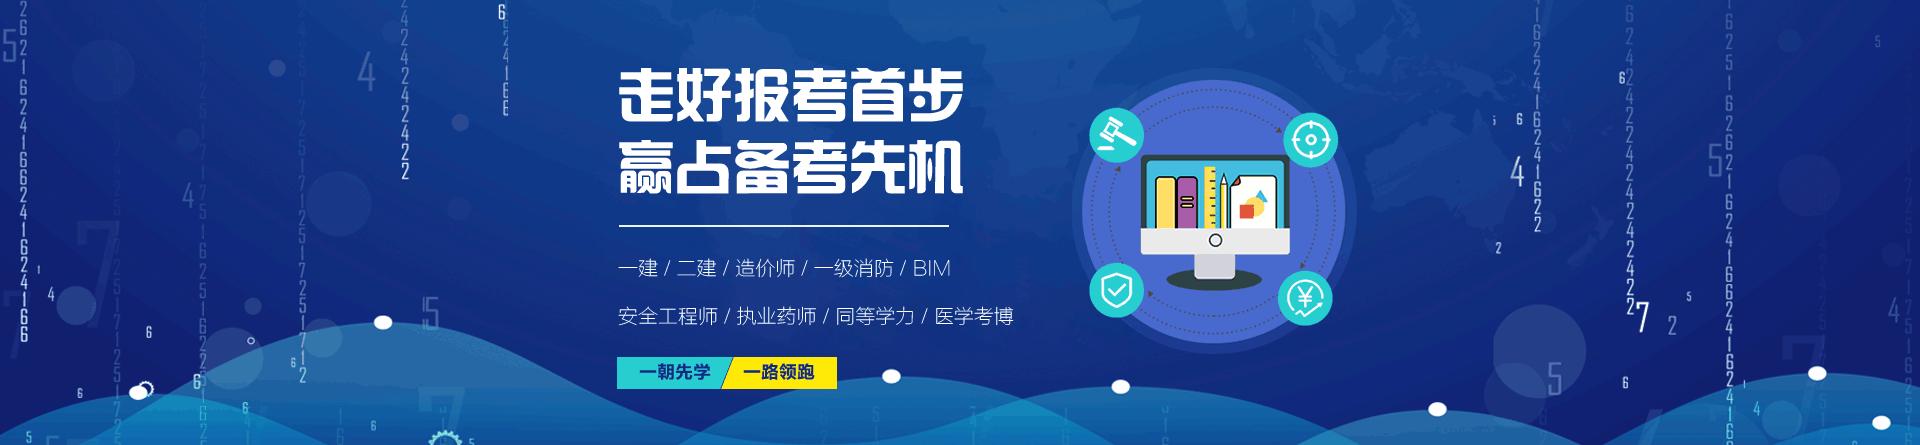 郑州优路教育机构